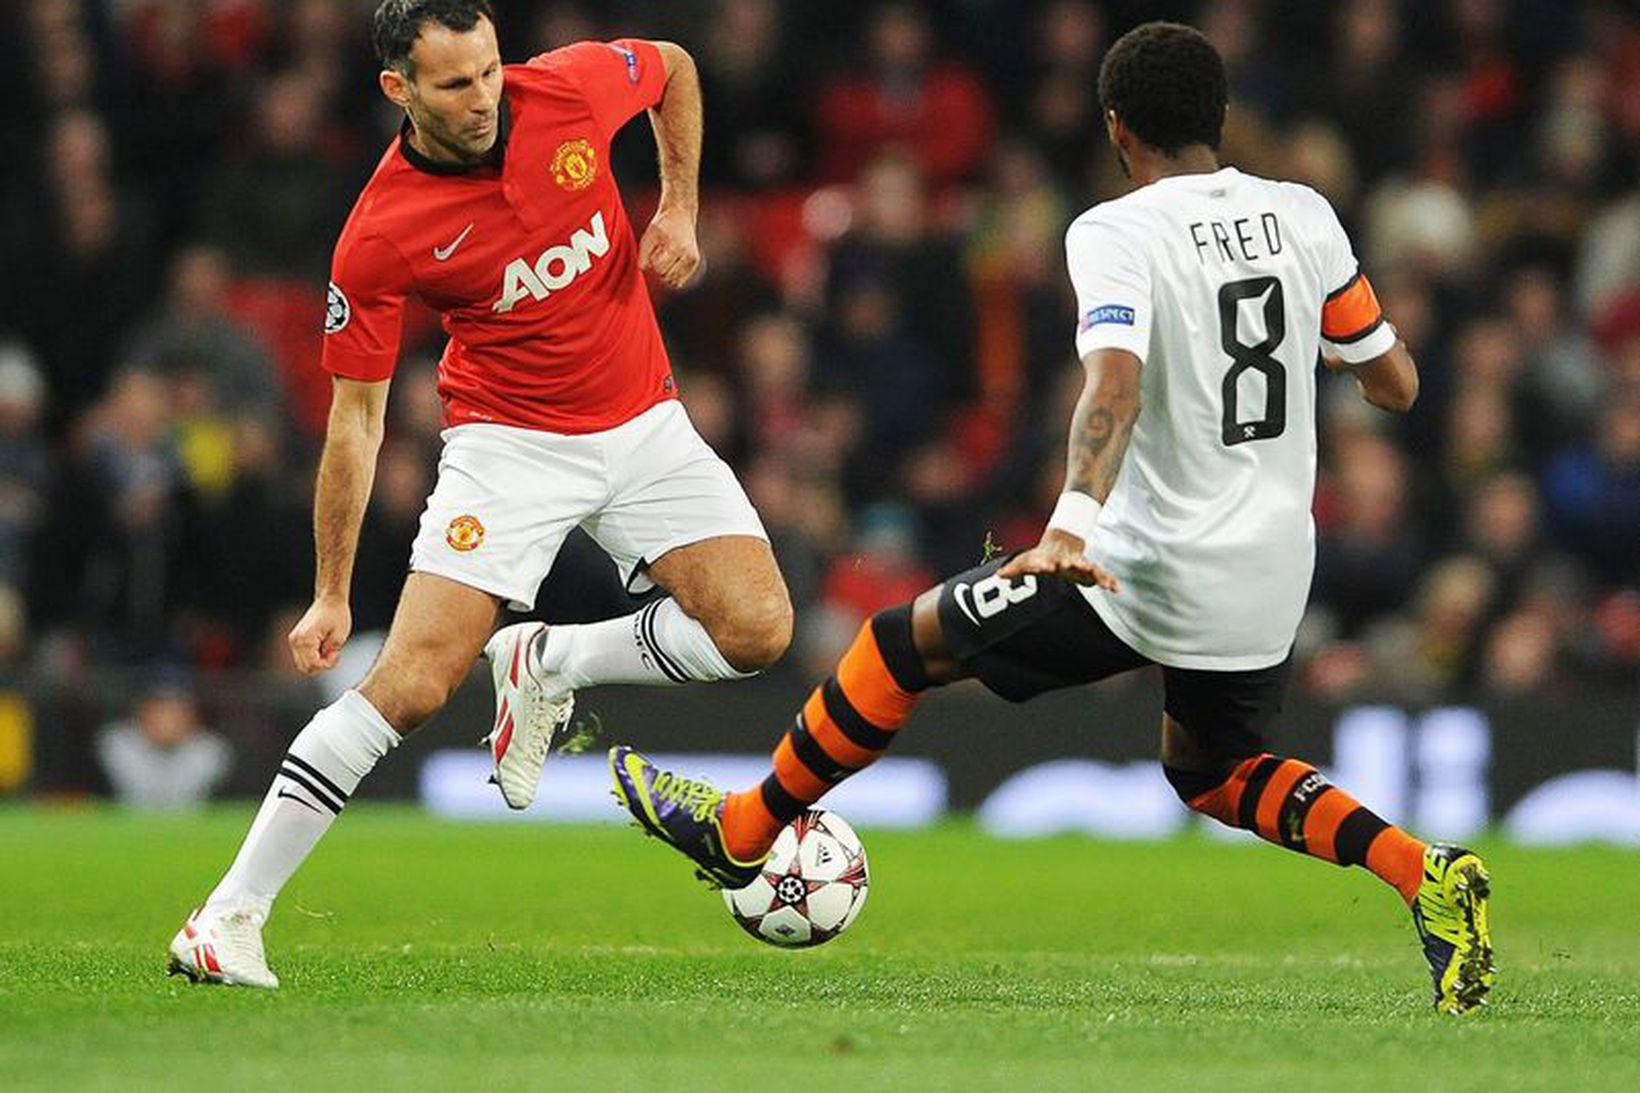 Ryan Giggs náði mögnuðum árangri með Manchester United.